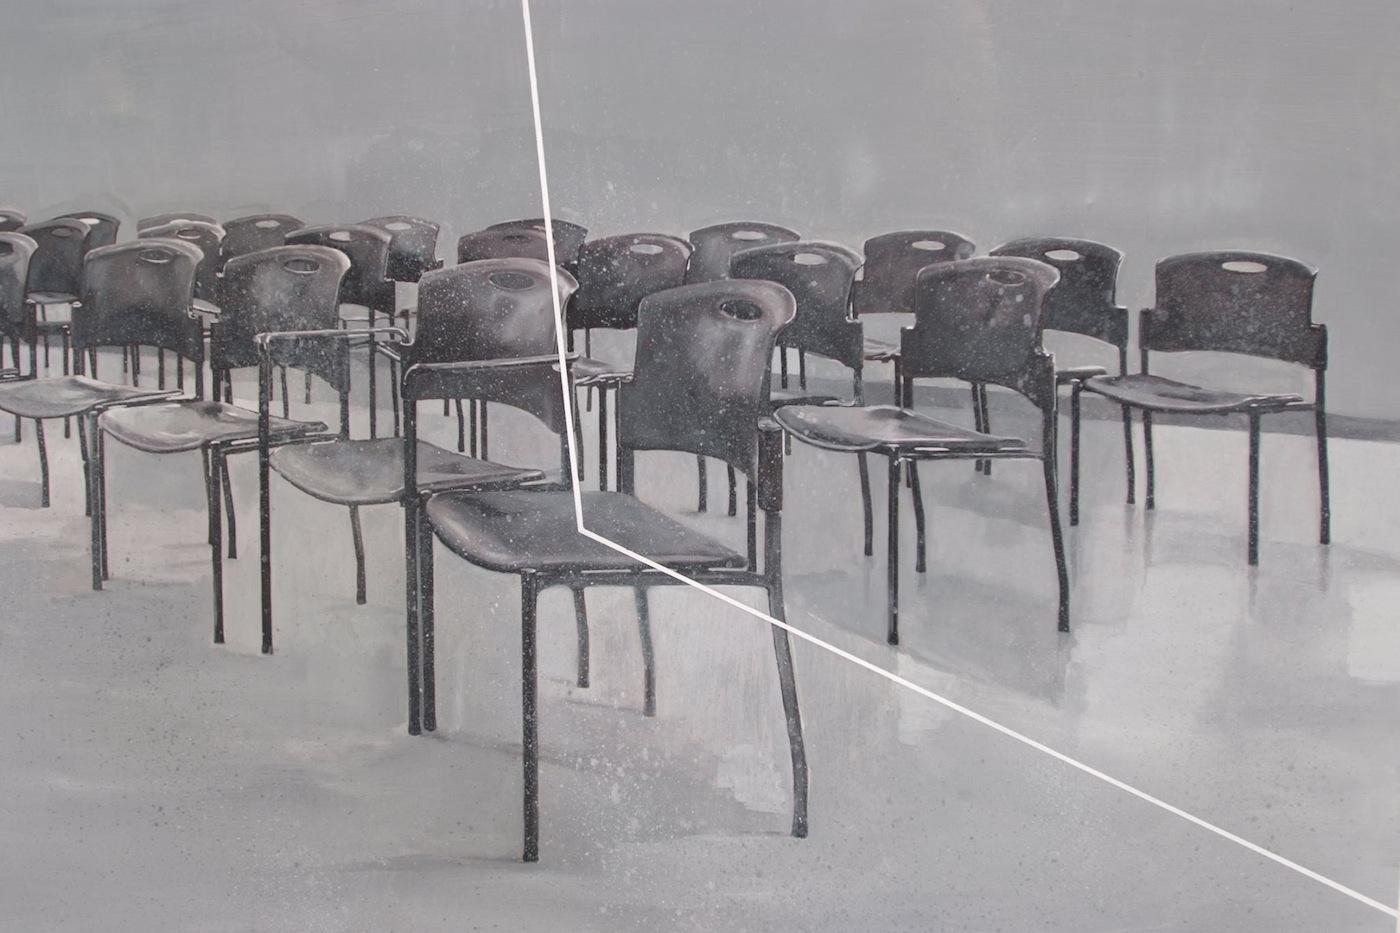 Michele Attianese, Refraction (particolare) olio su legno, cm100x100